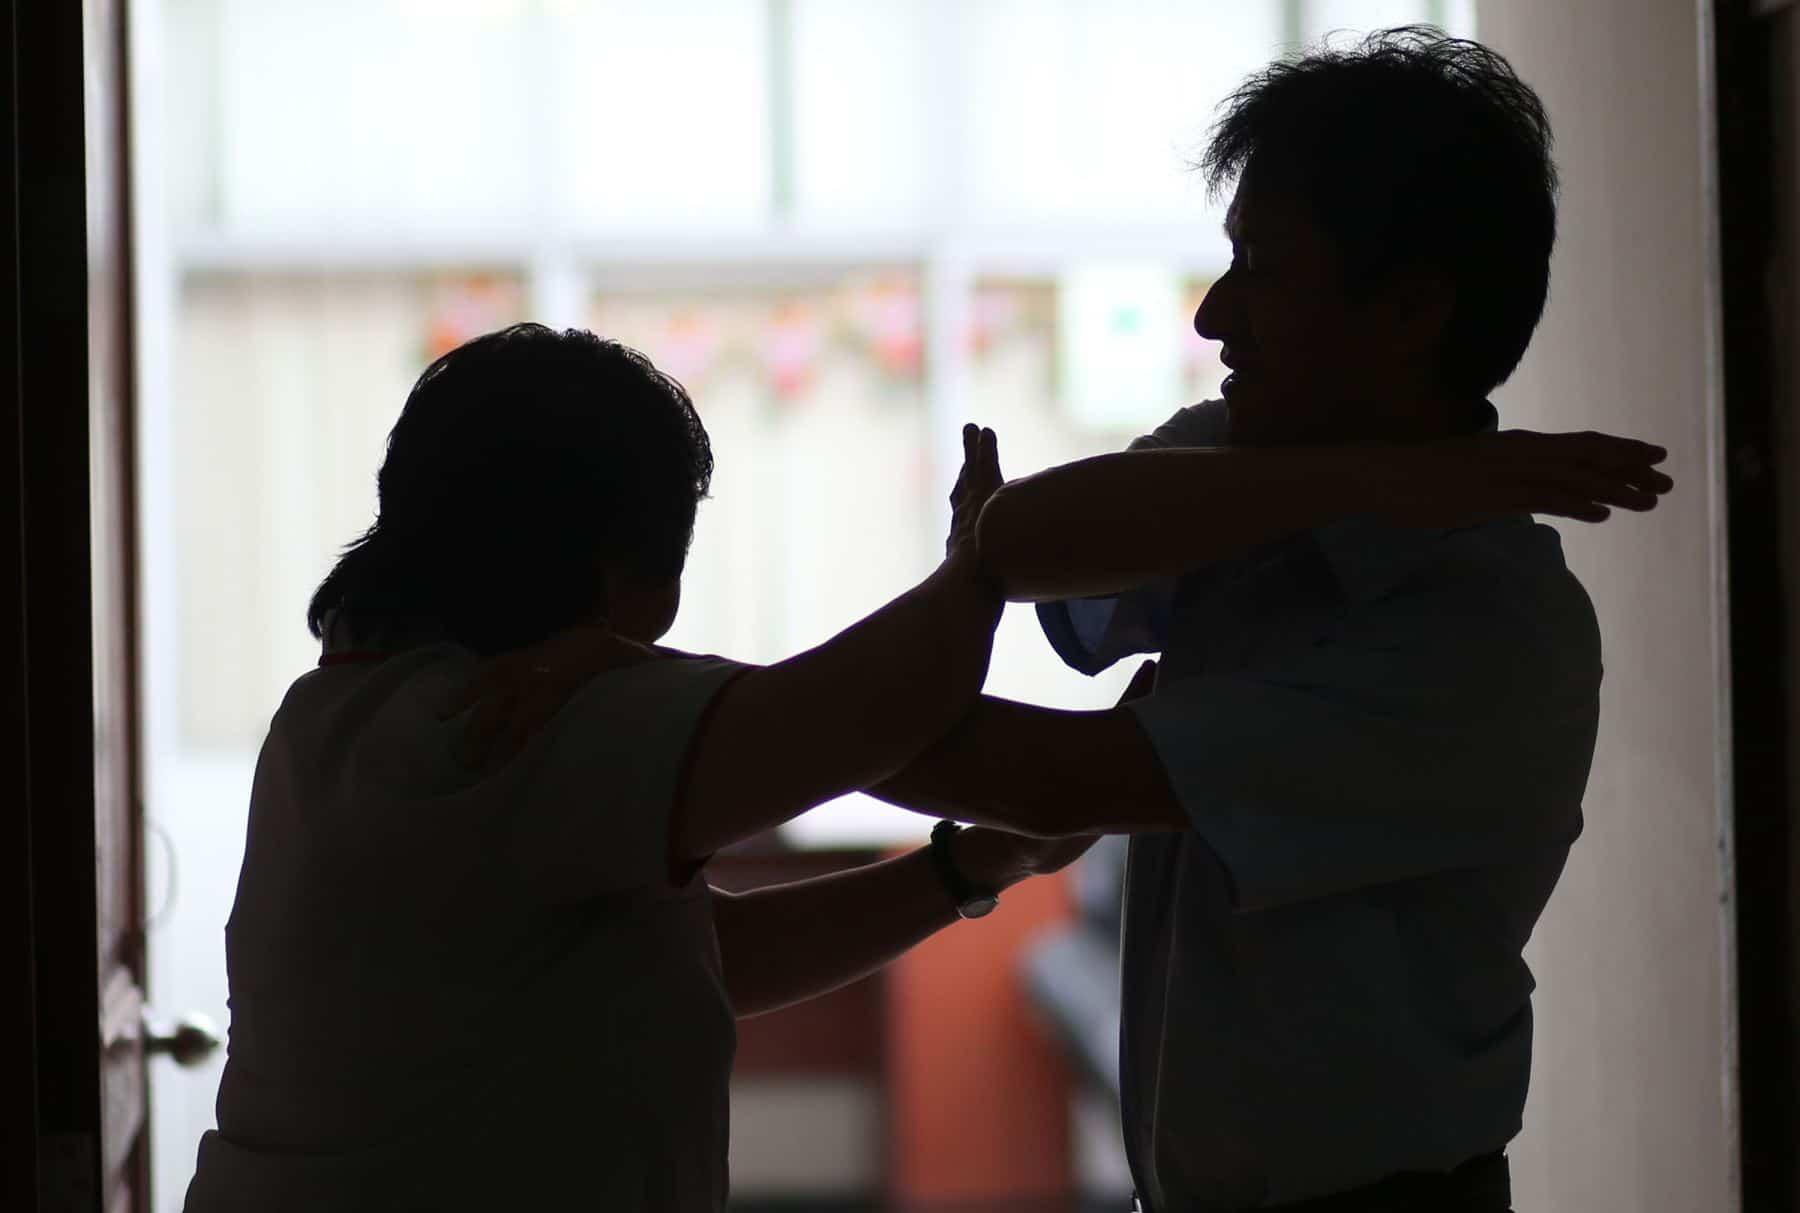 Certificado de violencia intrafamiliar